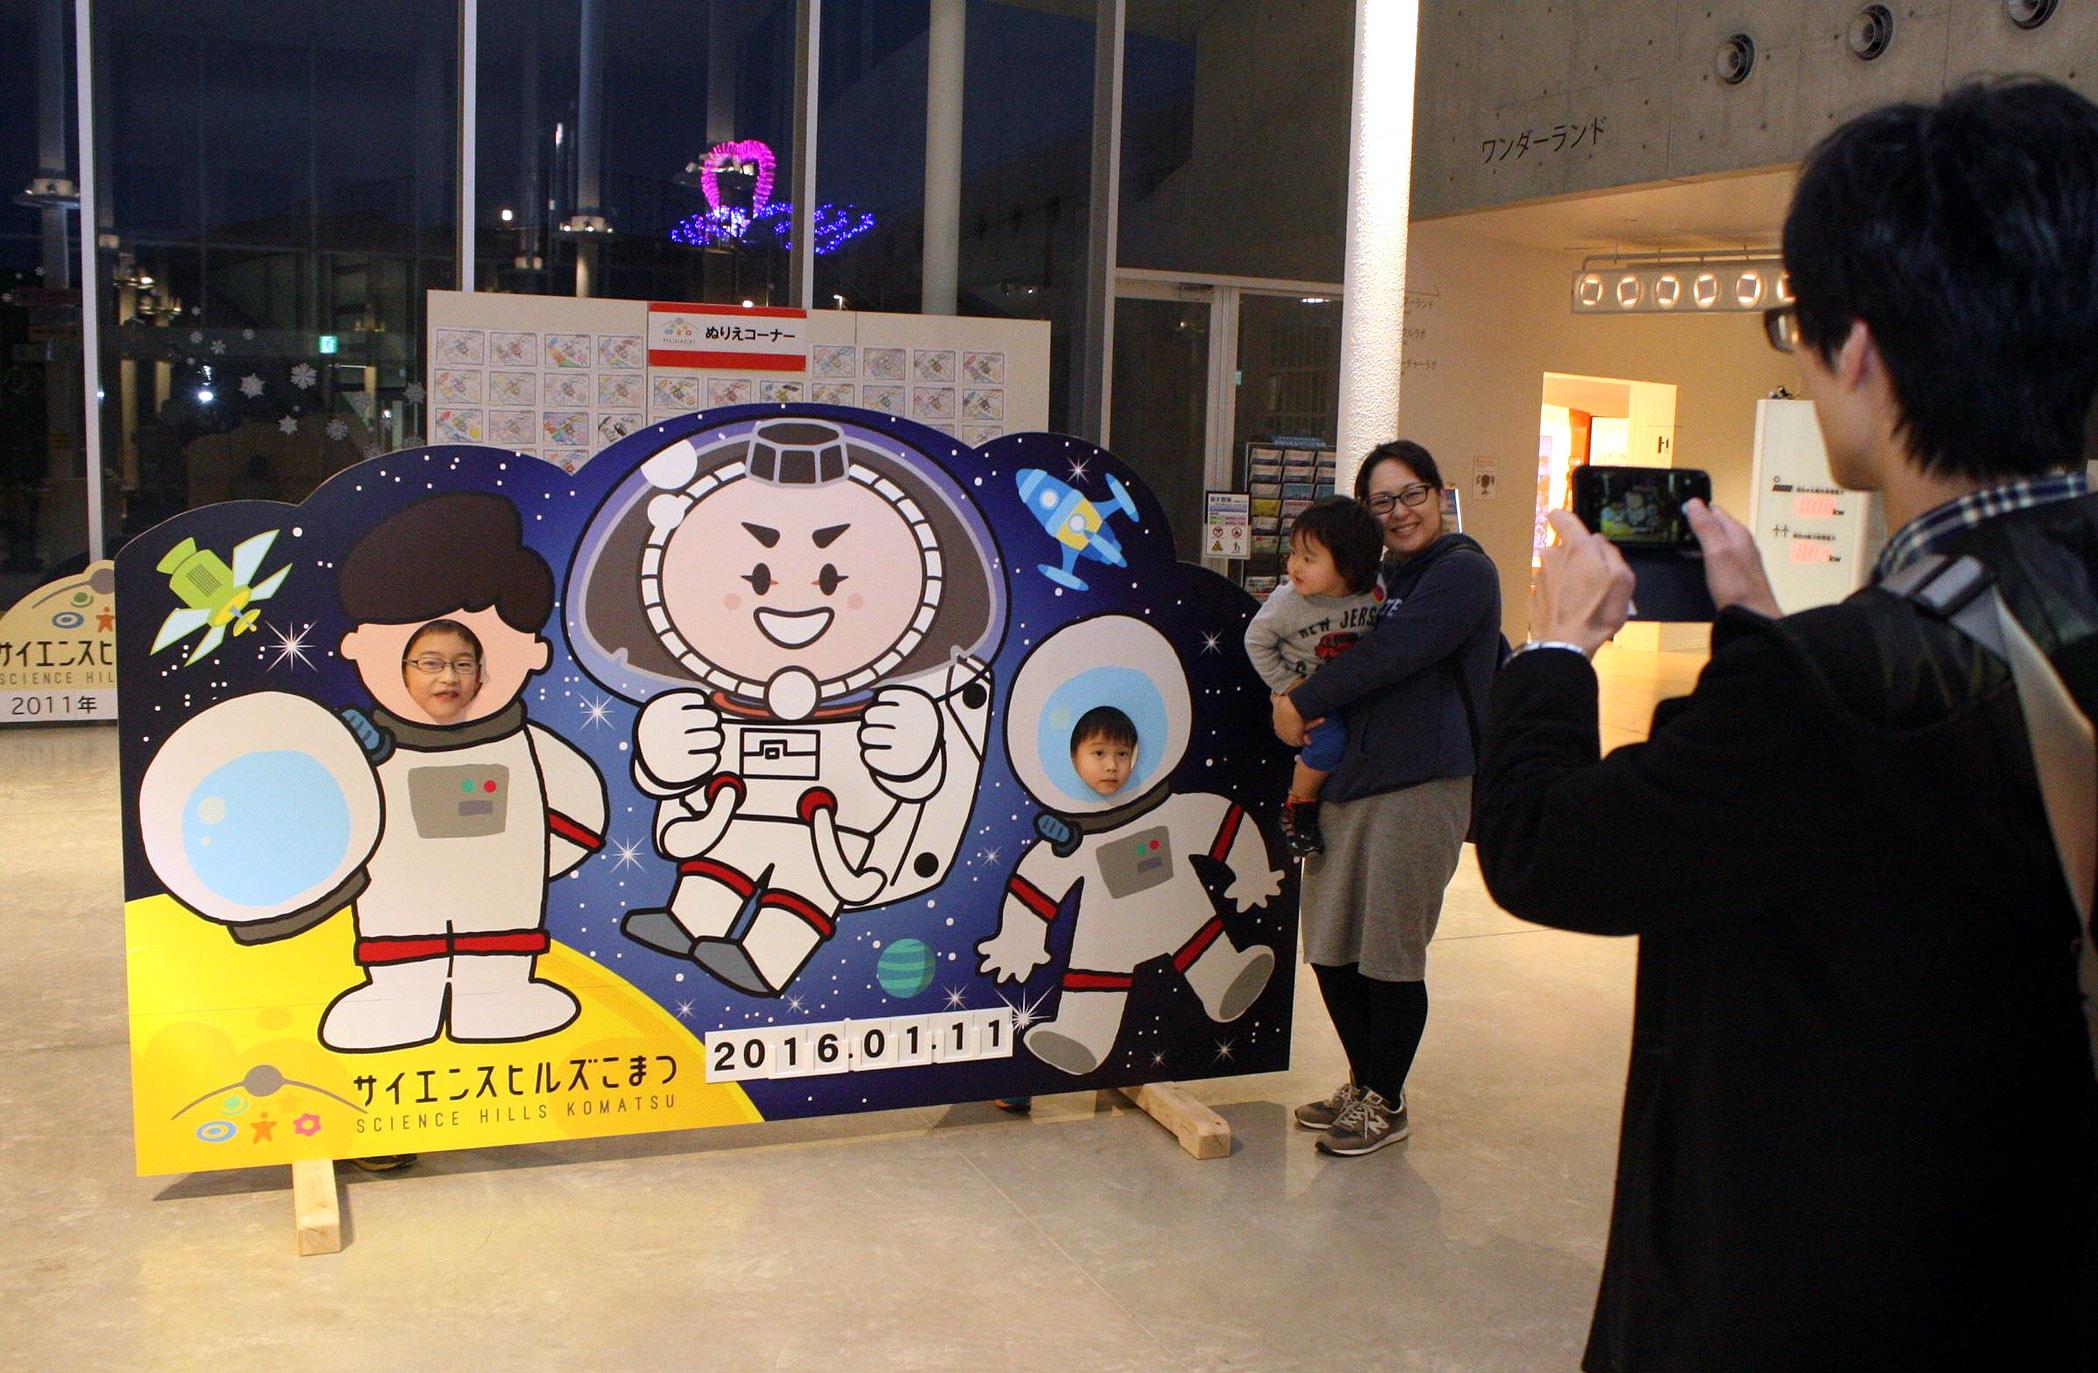 宇宙飛行士姿のカブッキーとともに記念撮影を楽しむ家族連れ=小松市のサイエンスヒルズこまつ